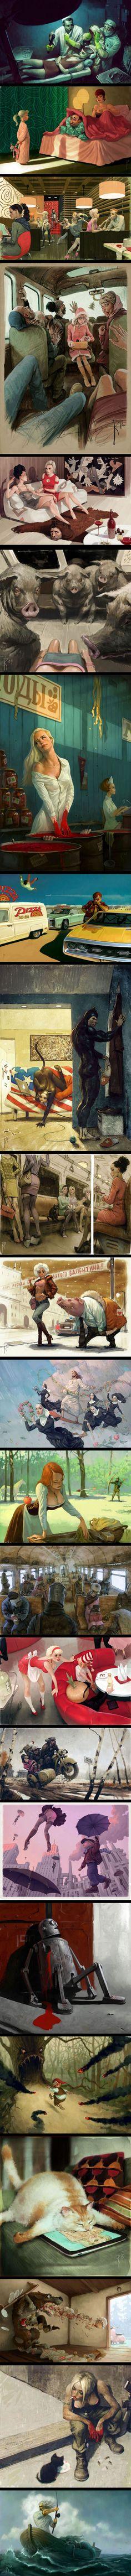 23 Dark Illustrations That Are Full Of Controversial Hidden Messages  - By Waldemar von Kazak (NSFW)